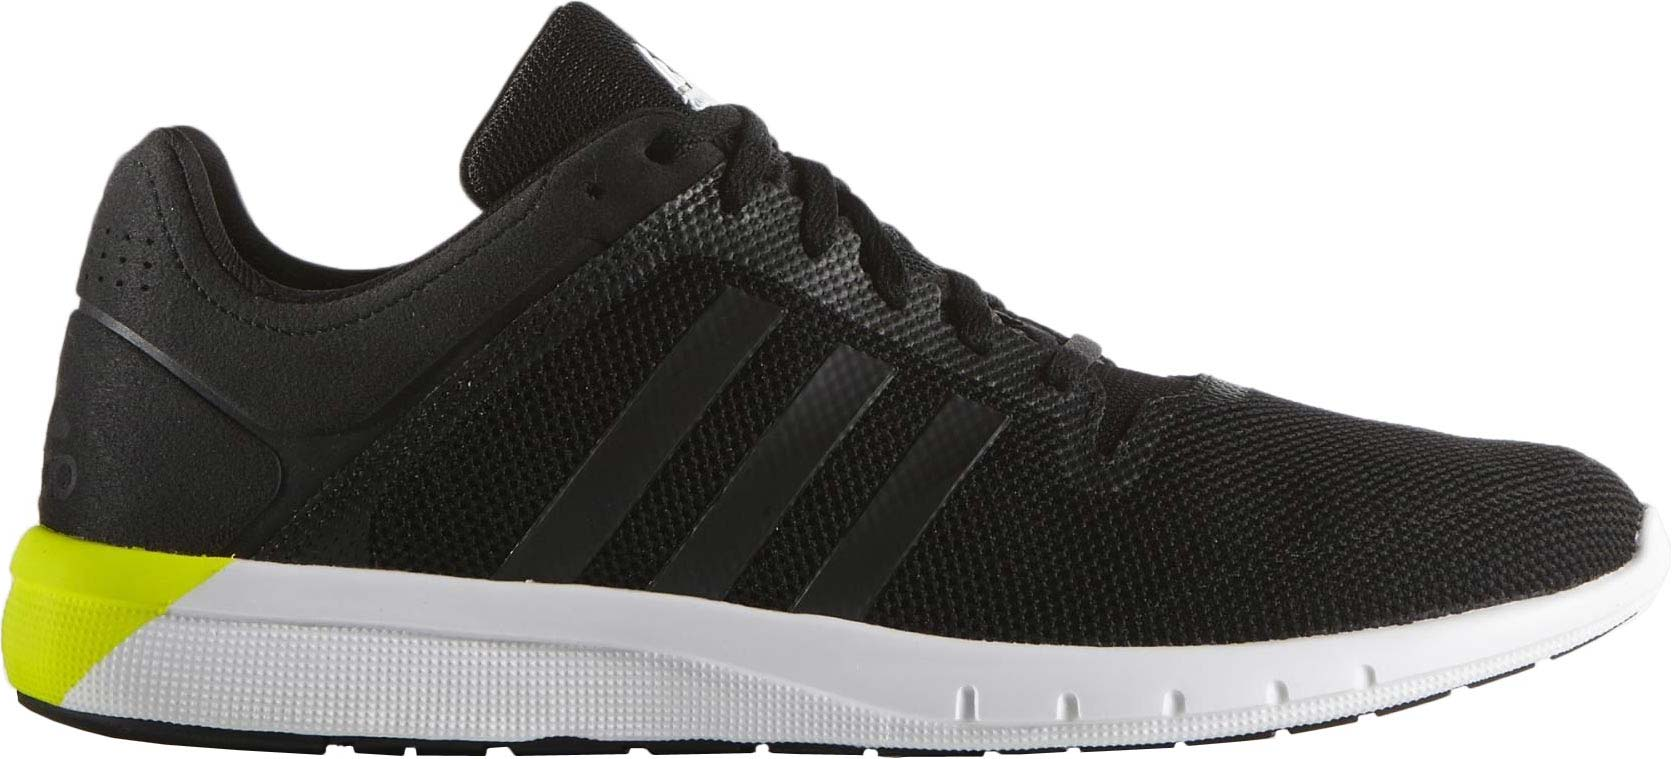 reputable site d1894 b2de6 adidas CC FRESH 2 M. Męskie obuwie do biegania